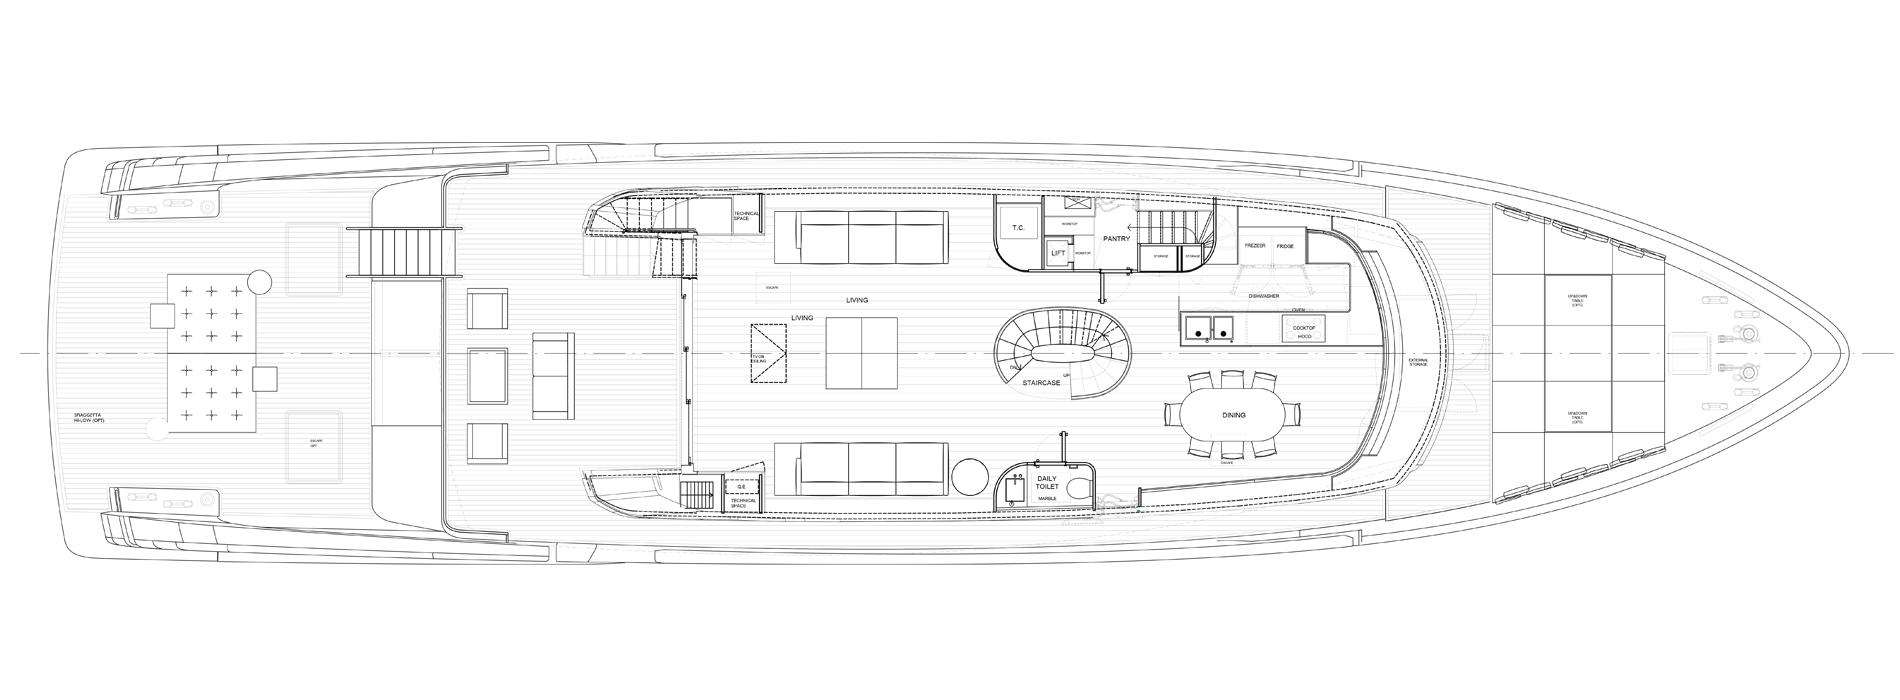 Sanlorenzo Yachts SX112 Cubierta principal versión B